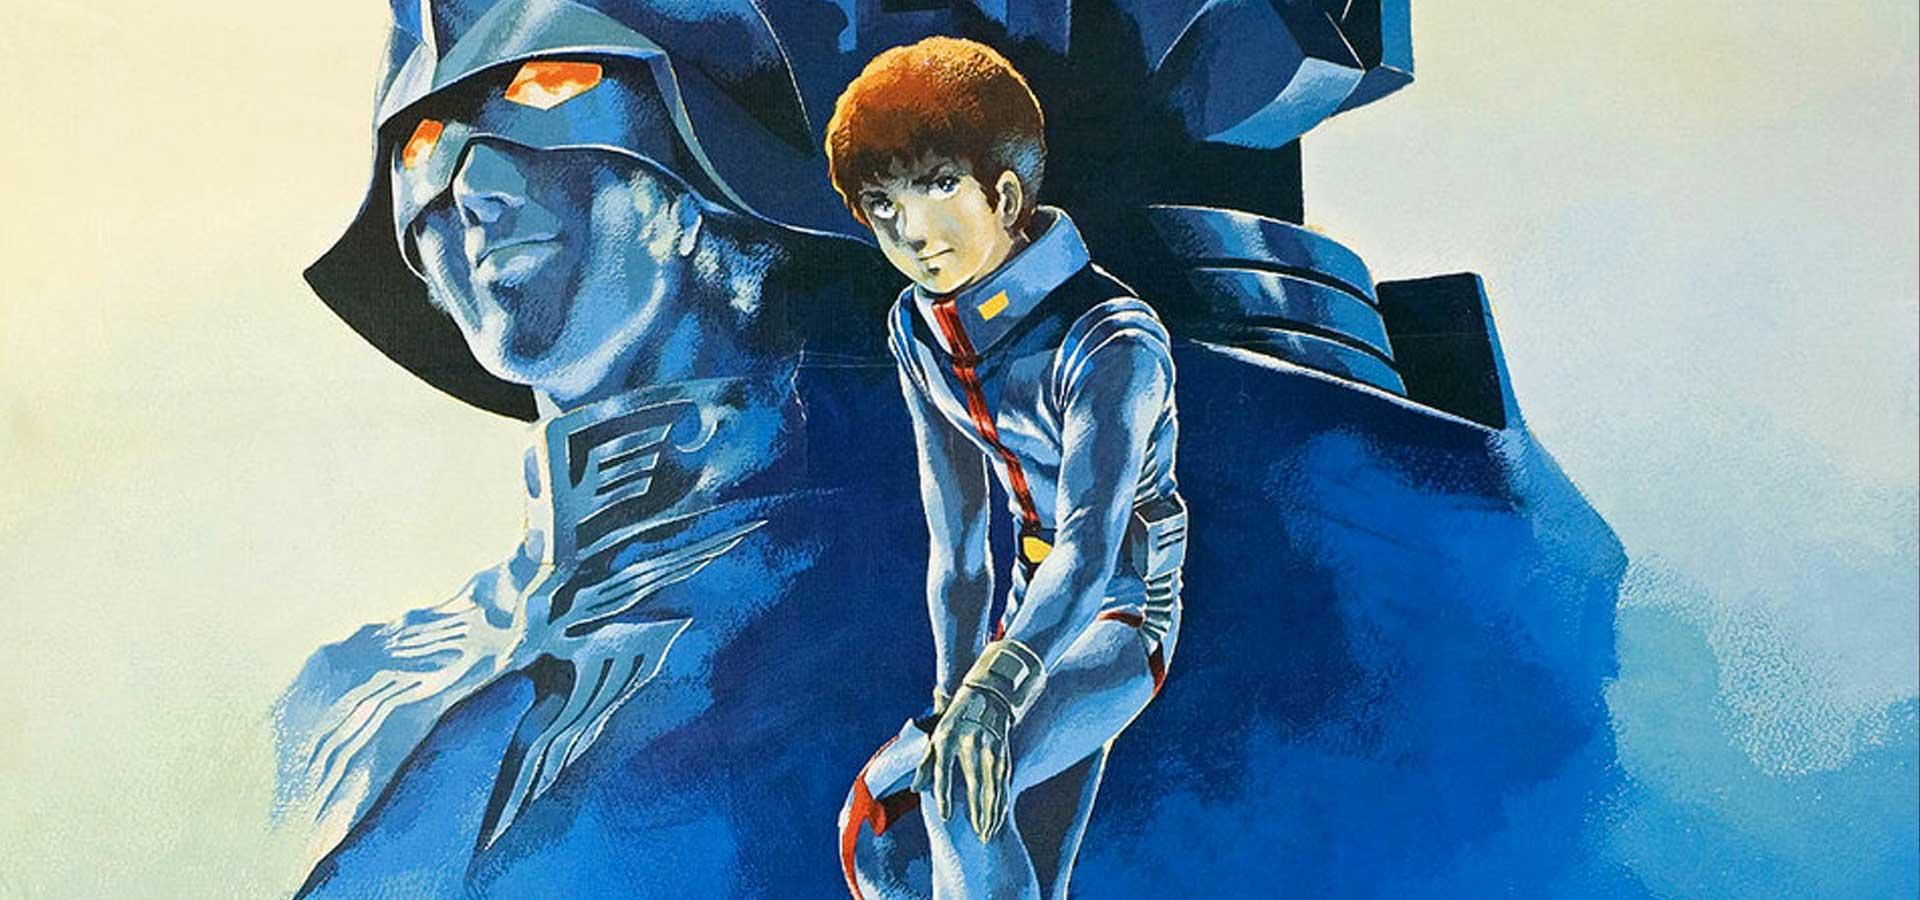 Les films Mobile Suit Gundam sortent sur YouTube